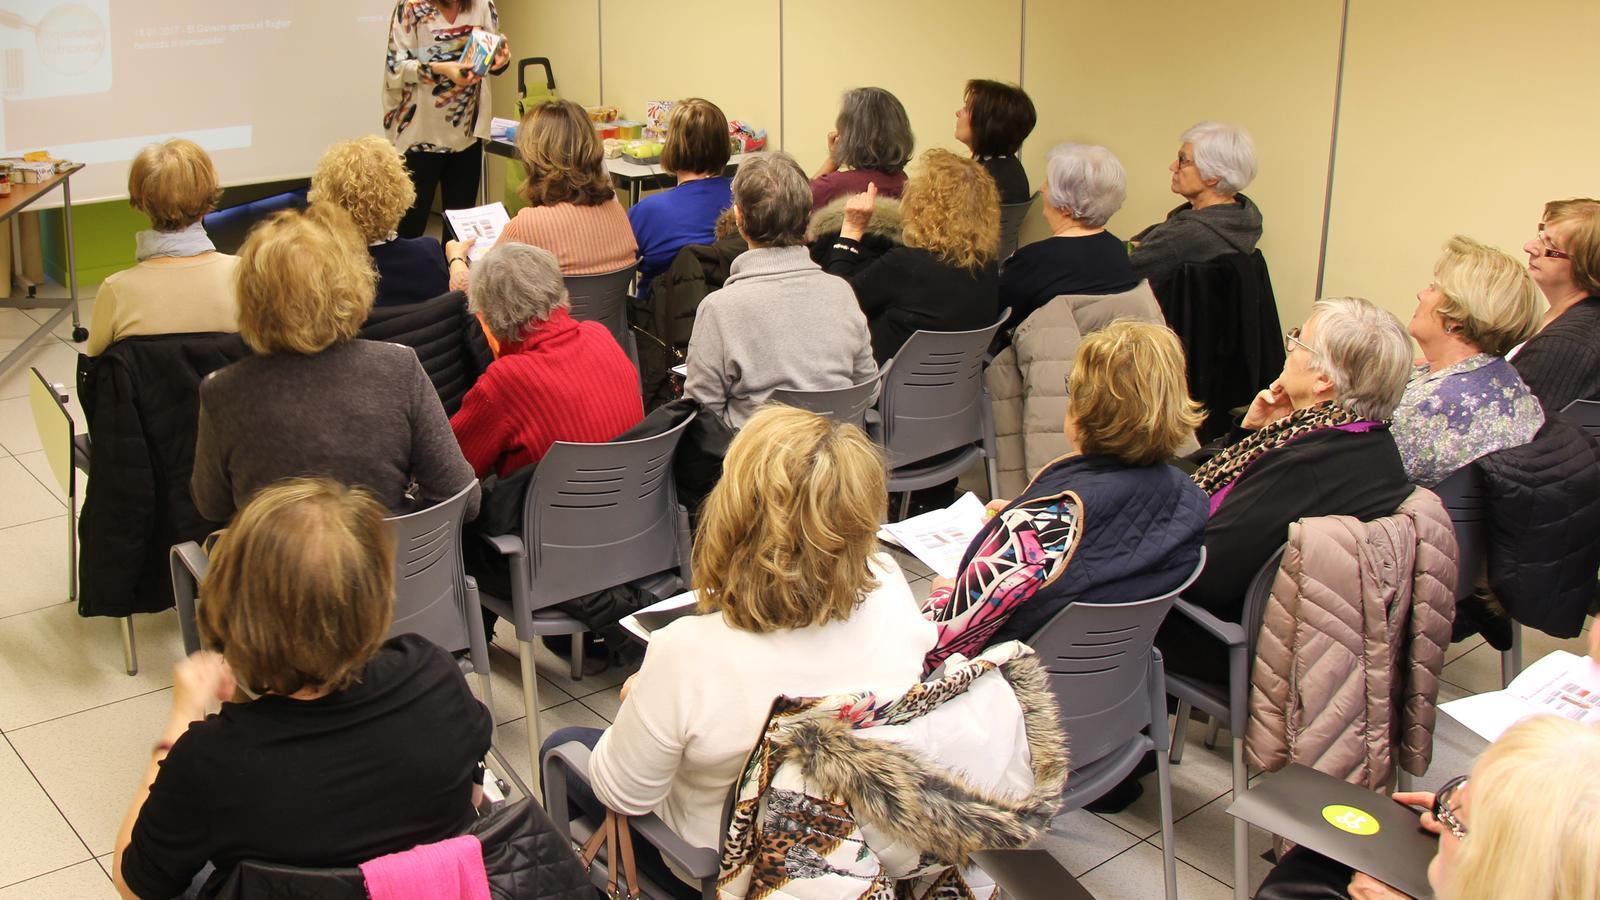 Més de 20 persones han assistit a la xerrada de la nutricionista Marta Pons, a L'espai de la Fundació Crèdit Andorrà. / M. R. F.